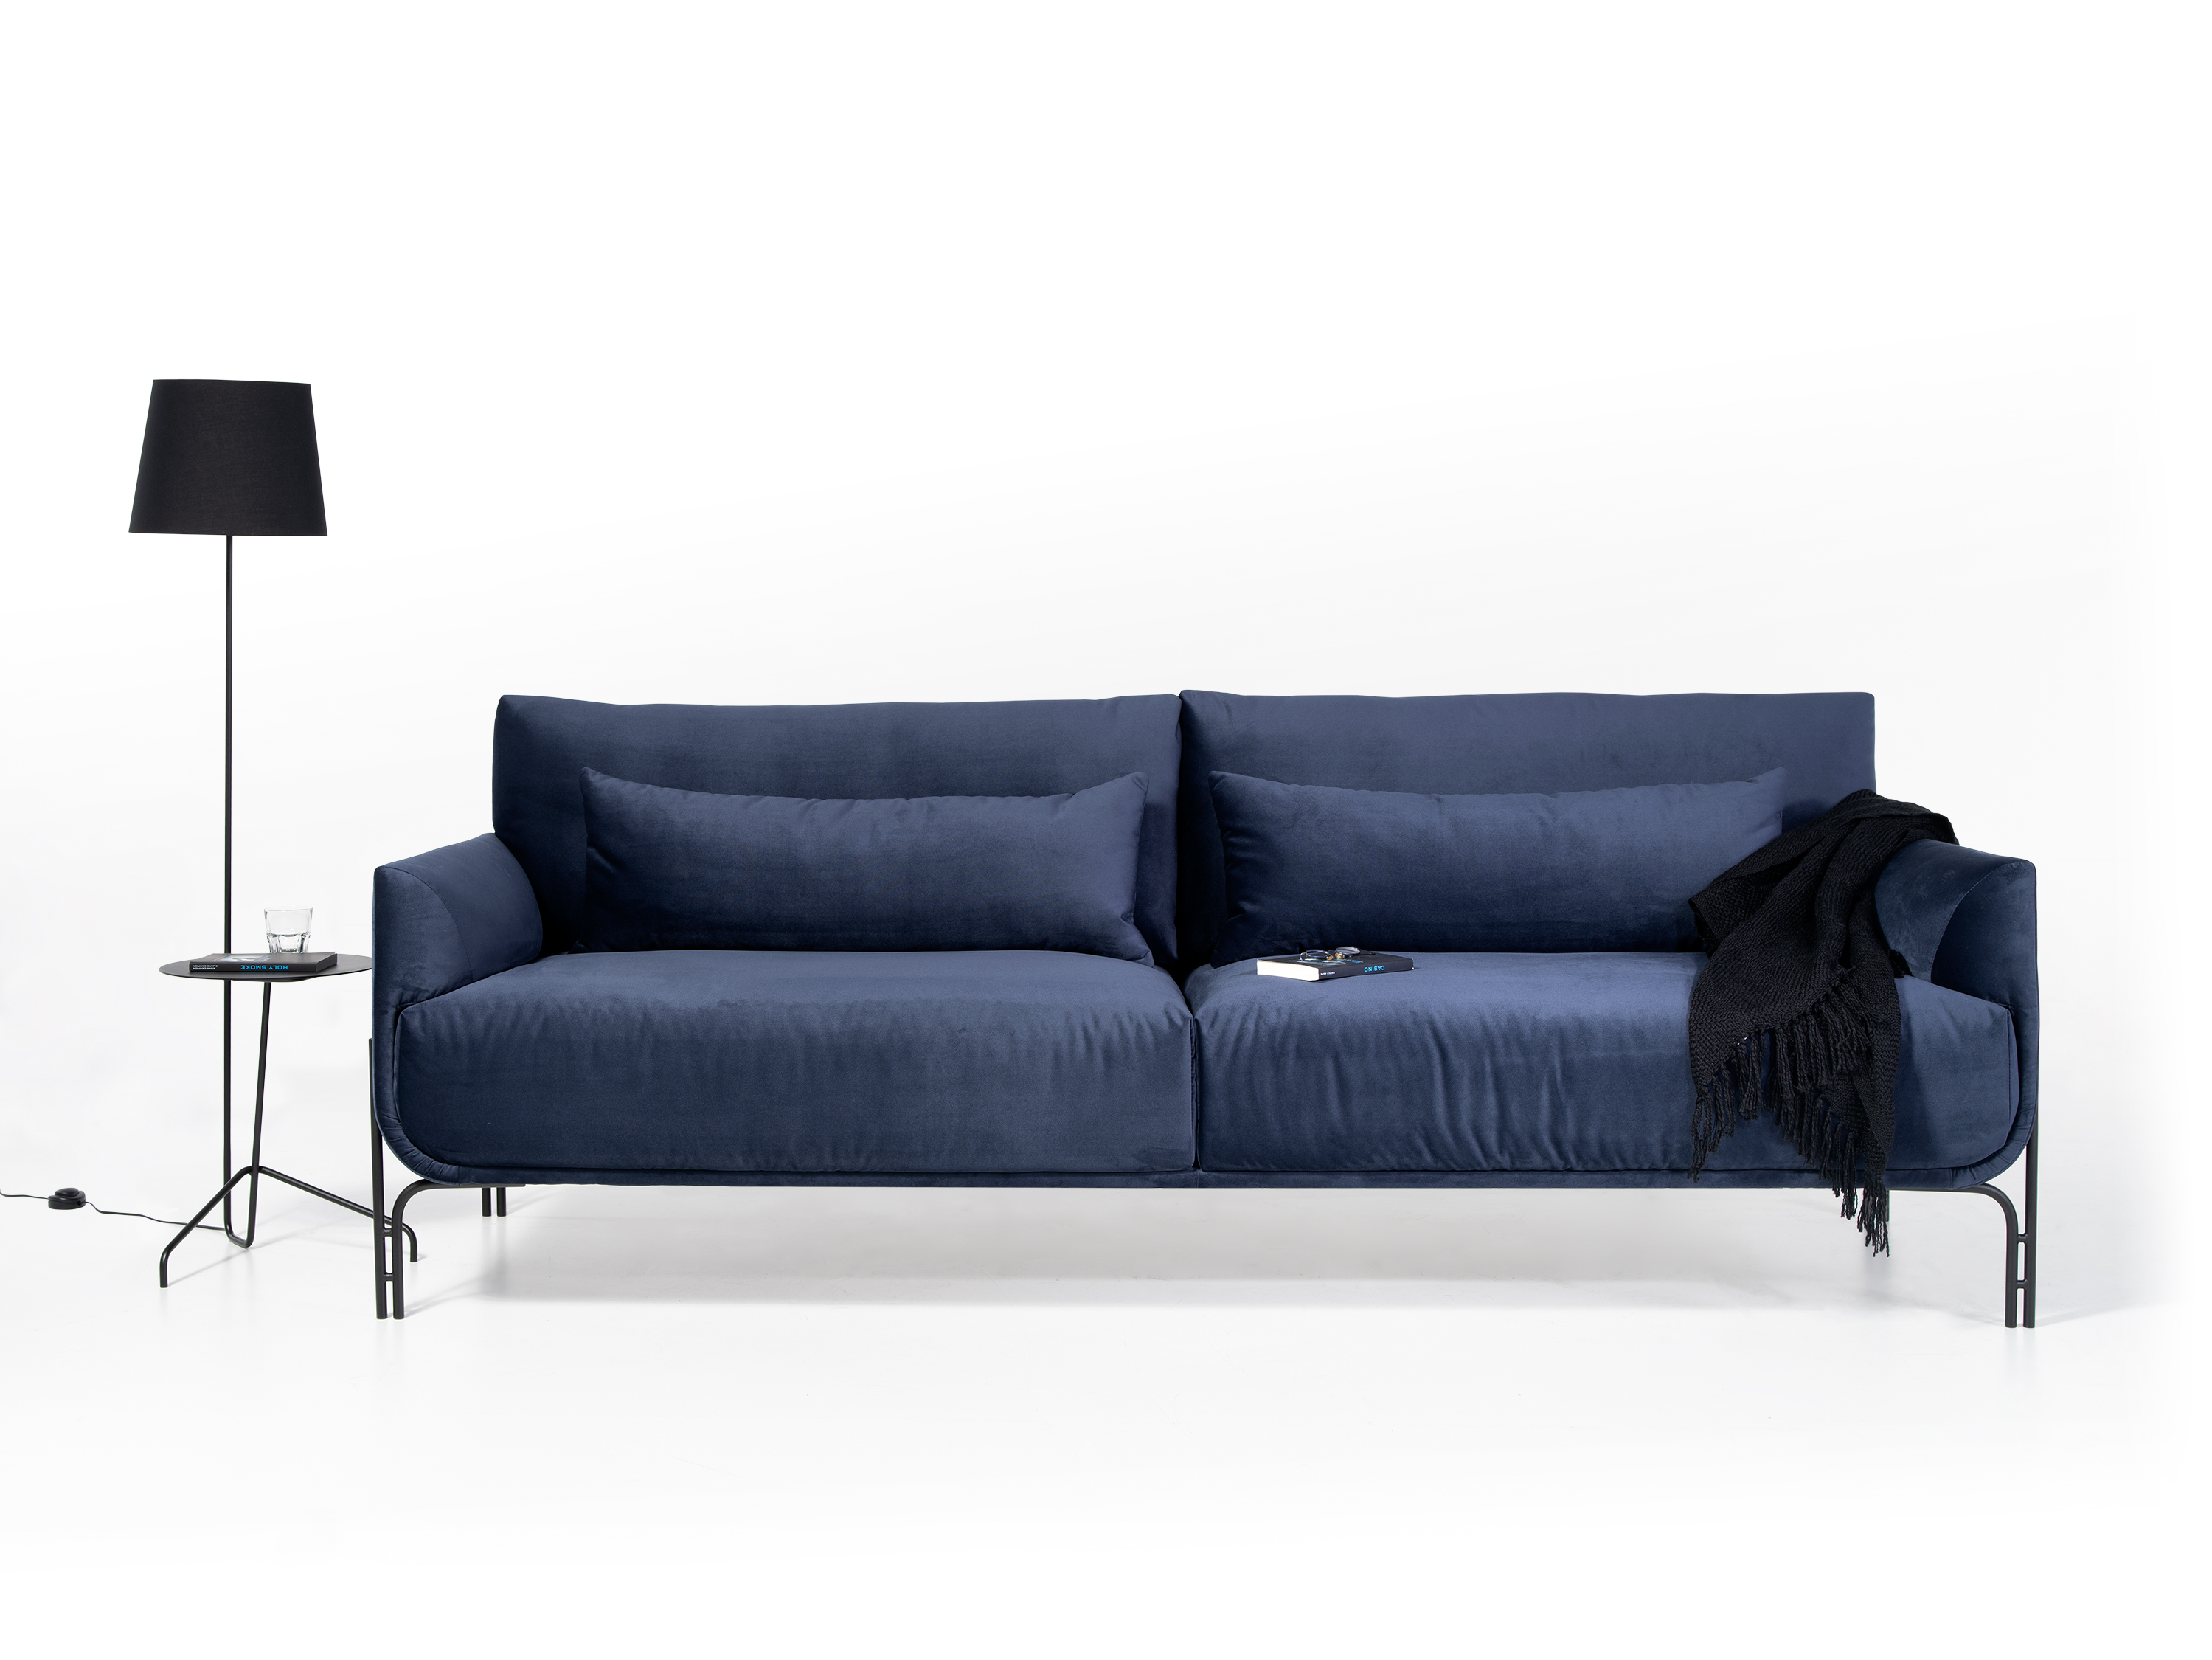 Canapé esthétique et confortable - LUCIE - Kayumanis